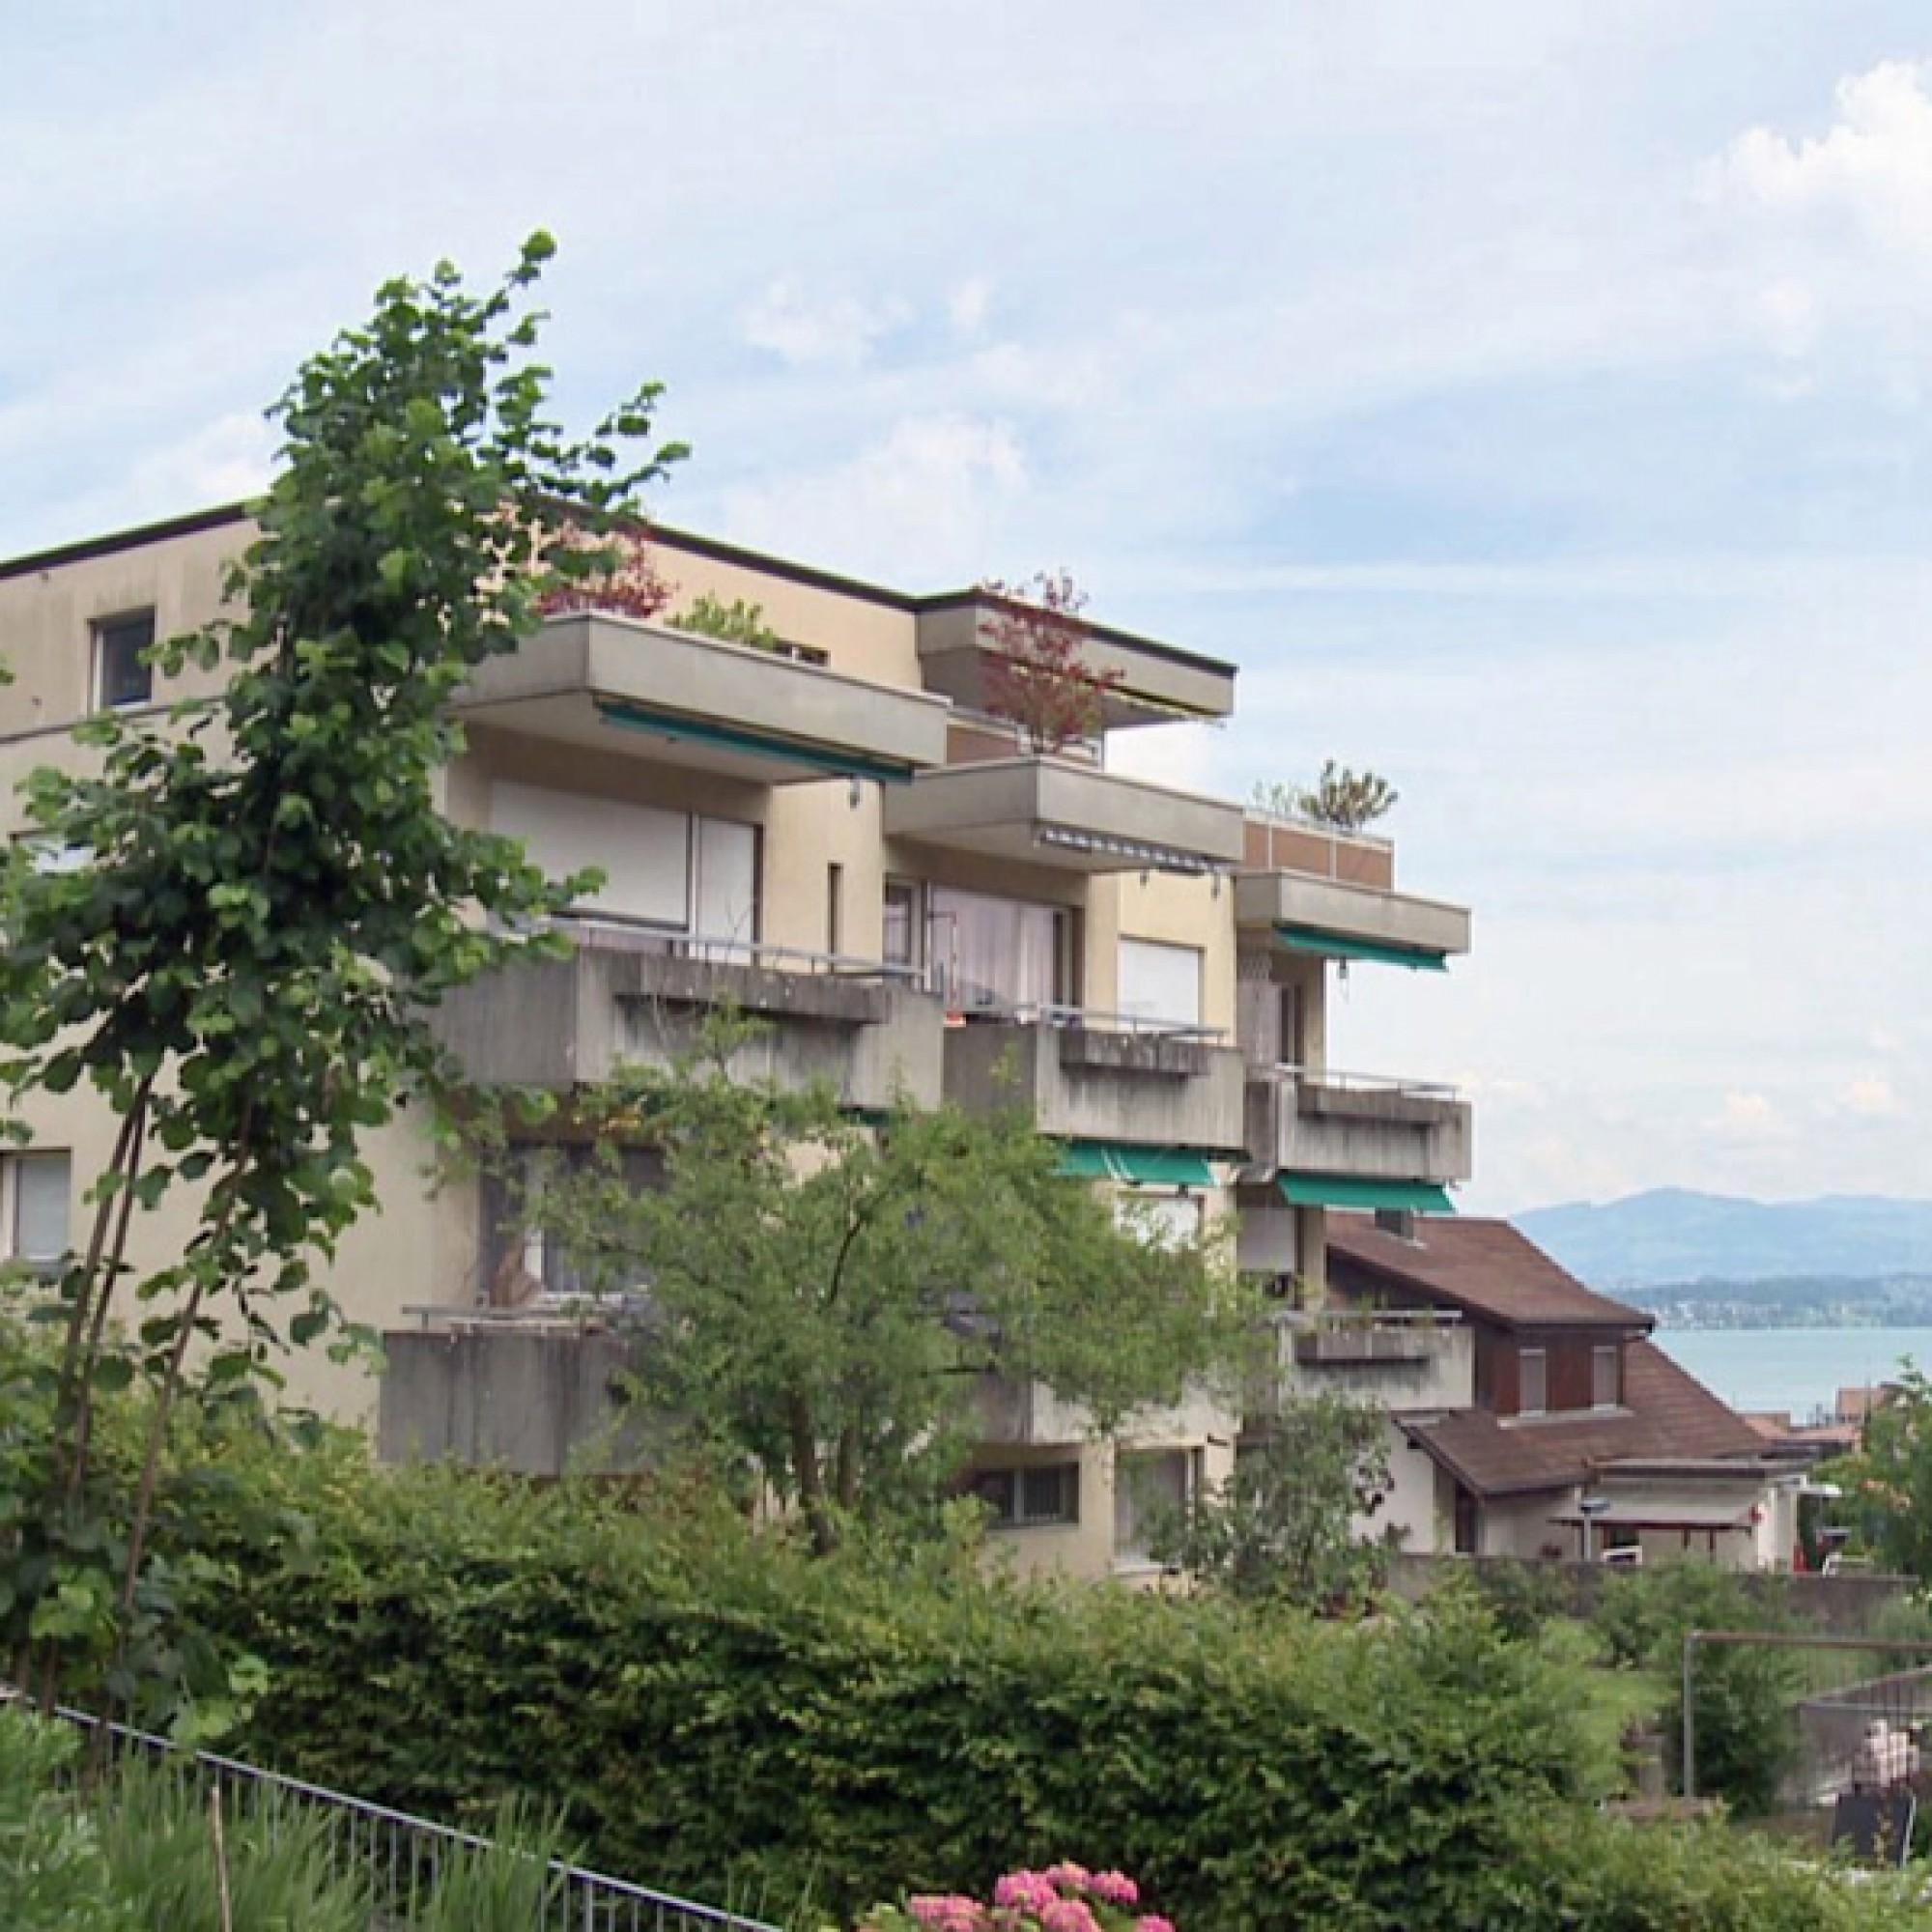 …ist heute ein Wohnblock zu sehen, der in den 70er-Jahren gebaut wurde.